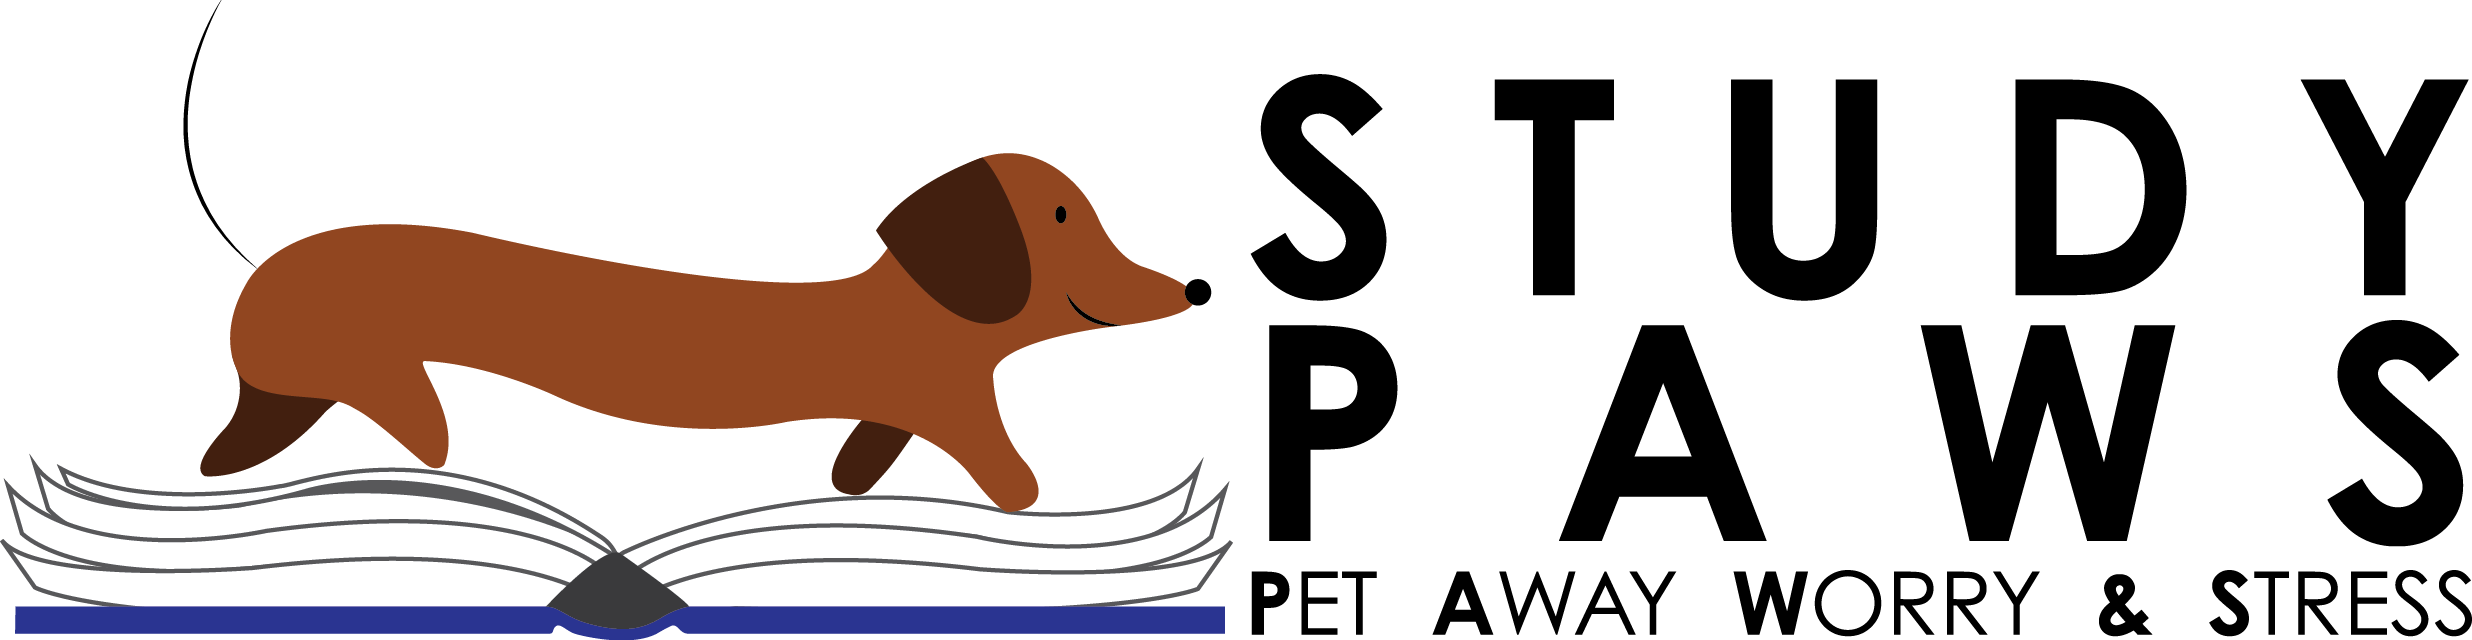 Study PAWS logo